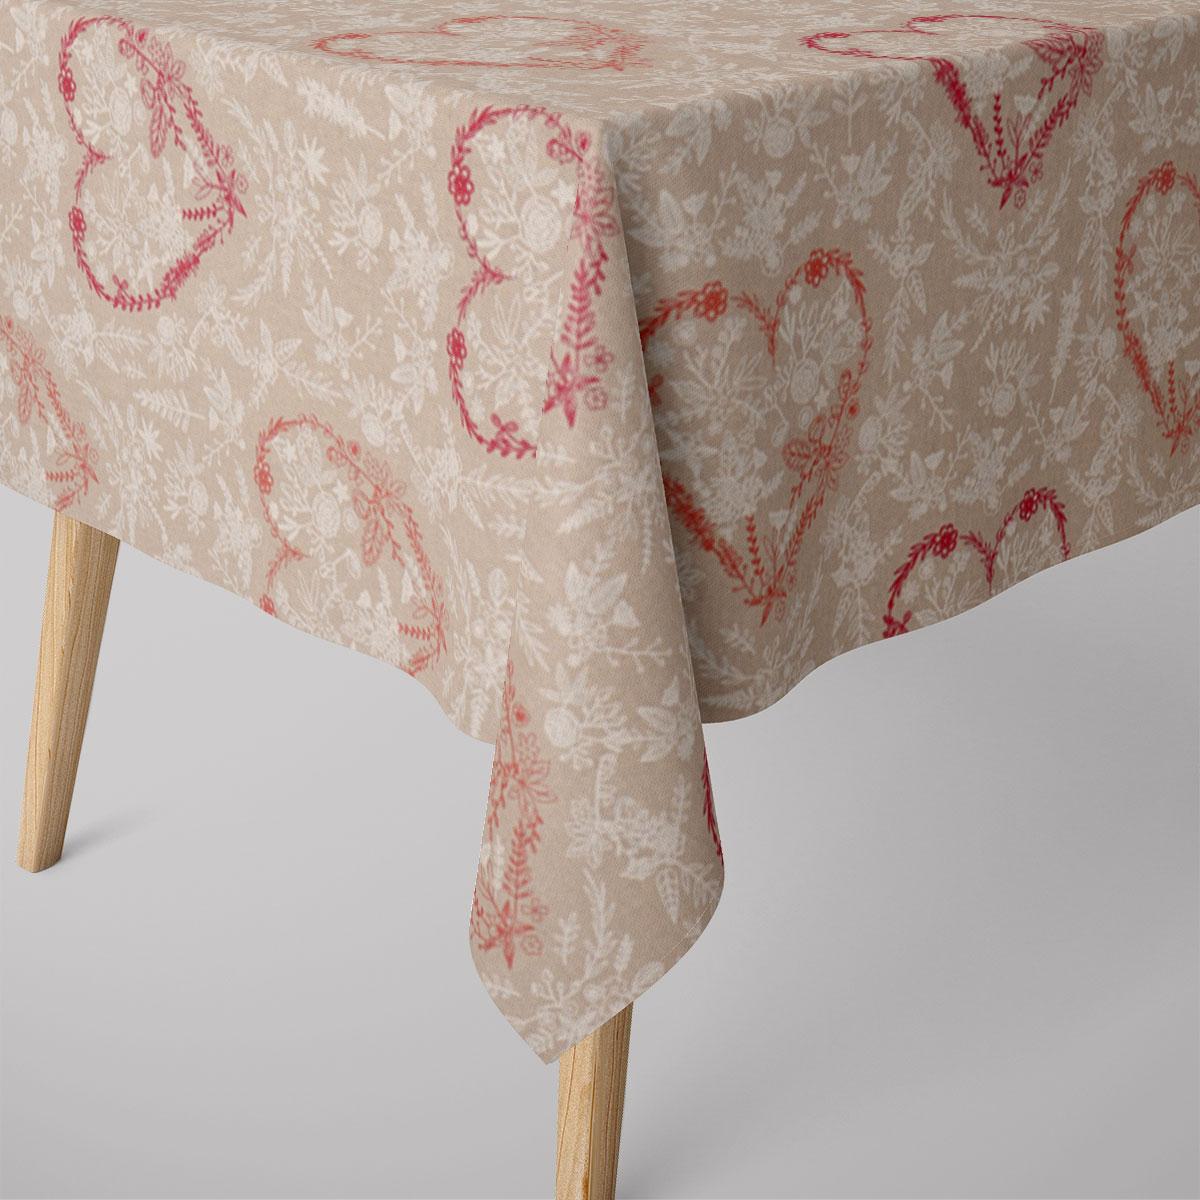 SCHÖNER LEBEN. Tischdecke Leinenlook Heart Blumenherz natur weiß pink verschiedene Größen